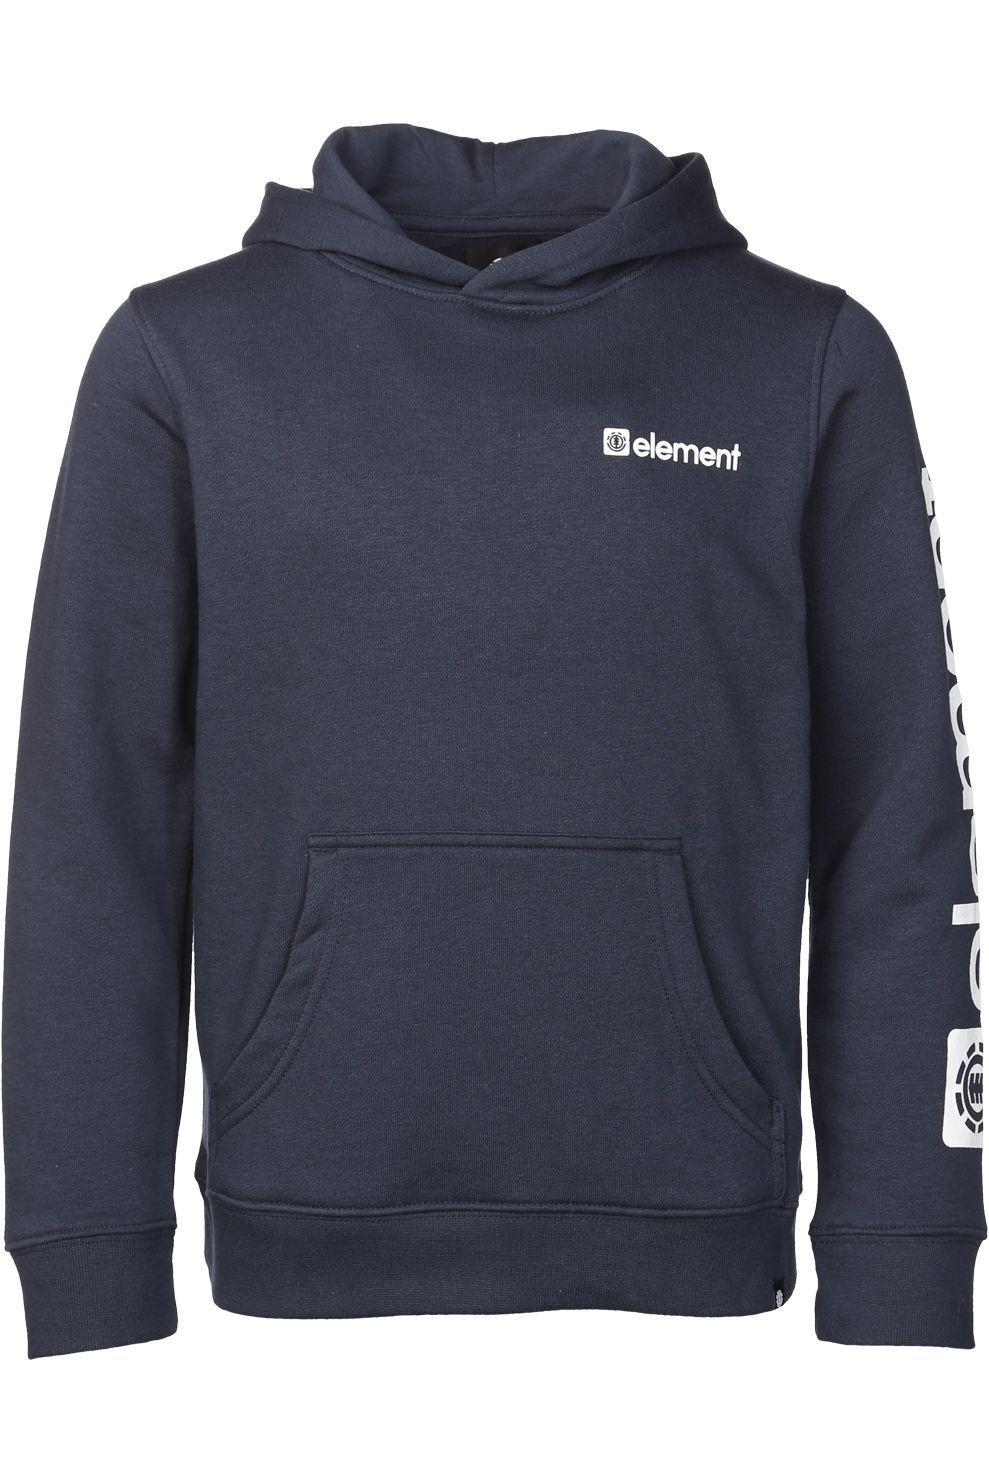 Element Trui Joint Hood voor jongens - Blauw - Maten: 140, 152